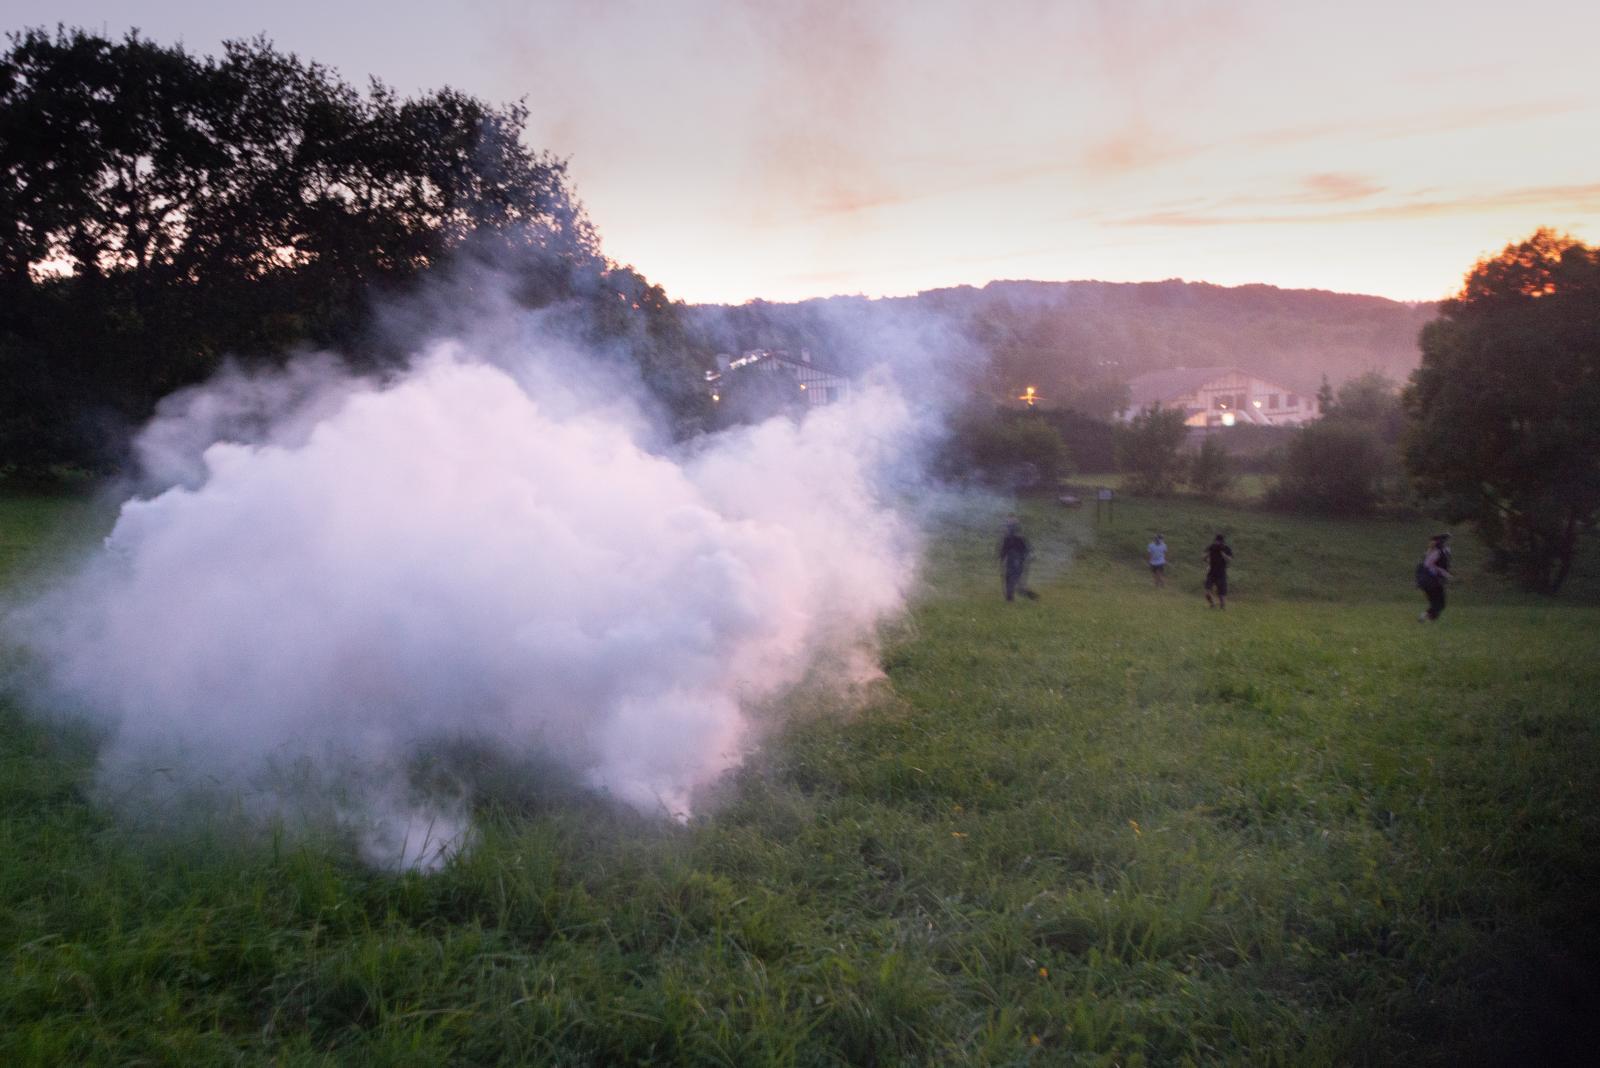 Vendredi 23 août 2019 - Au coucher du soleil, tir de gaz lacrymogènes dans la campagne aux abords du campement des opposants au G7. [G7 2019 de Biarritz]